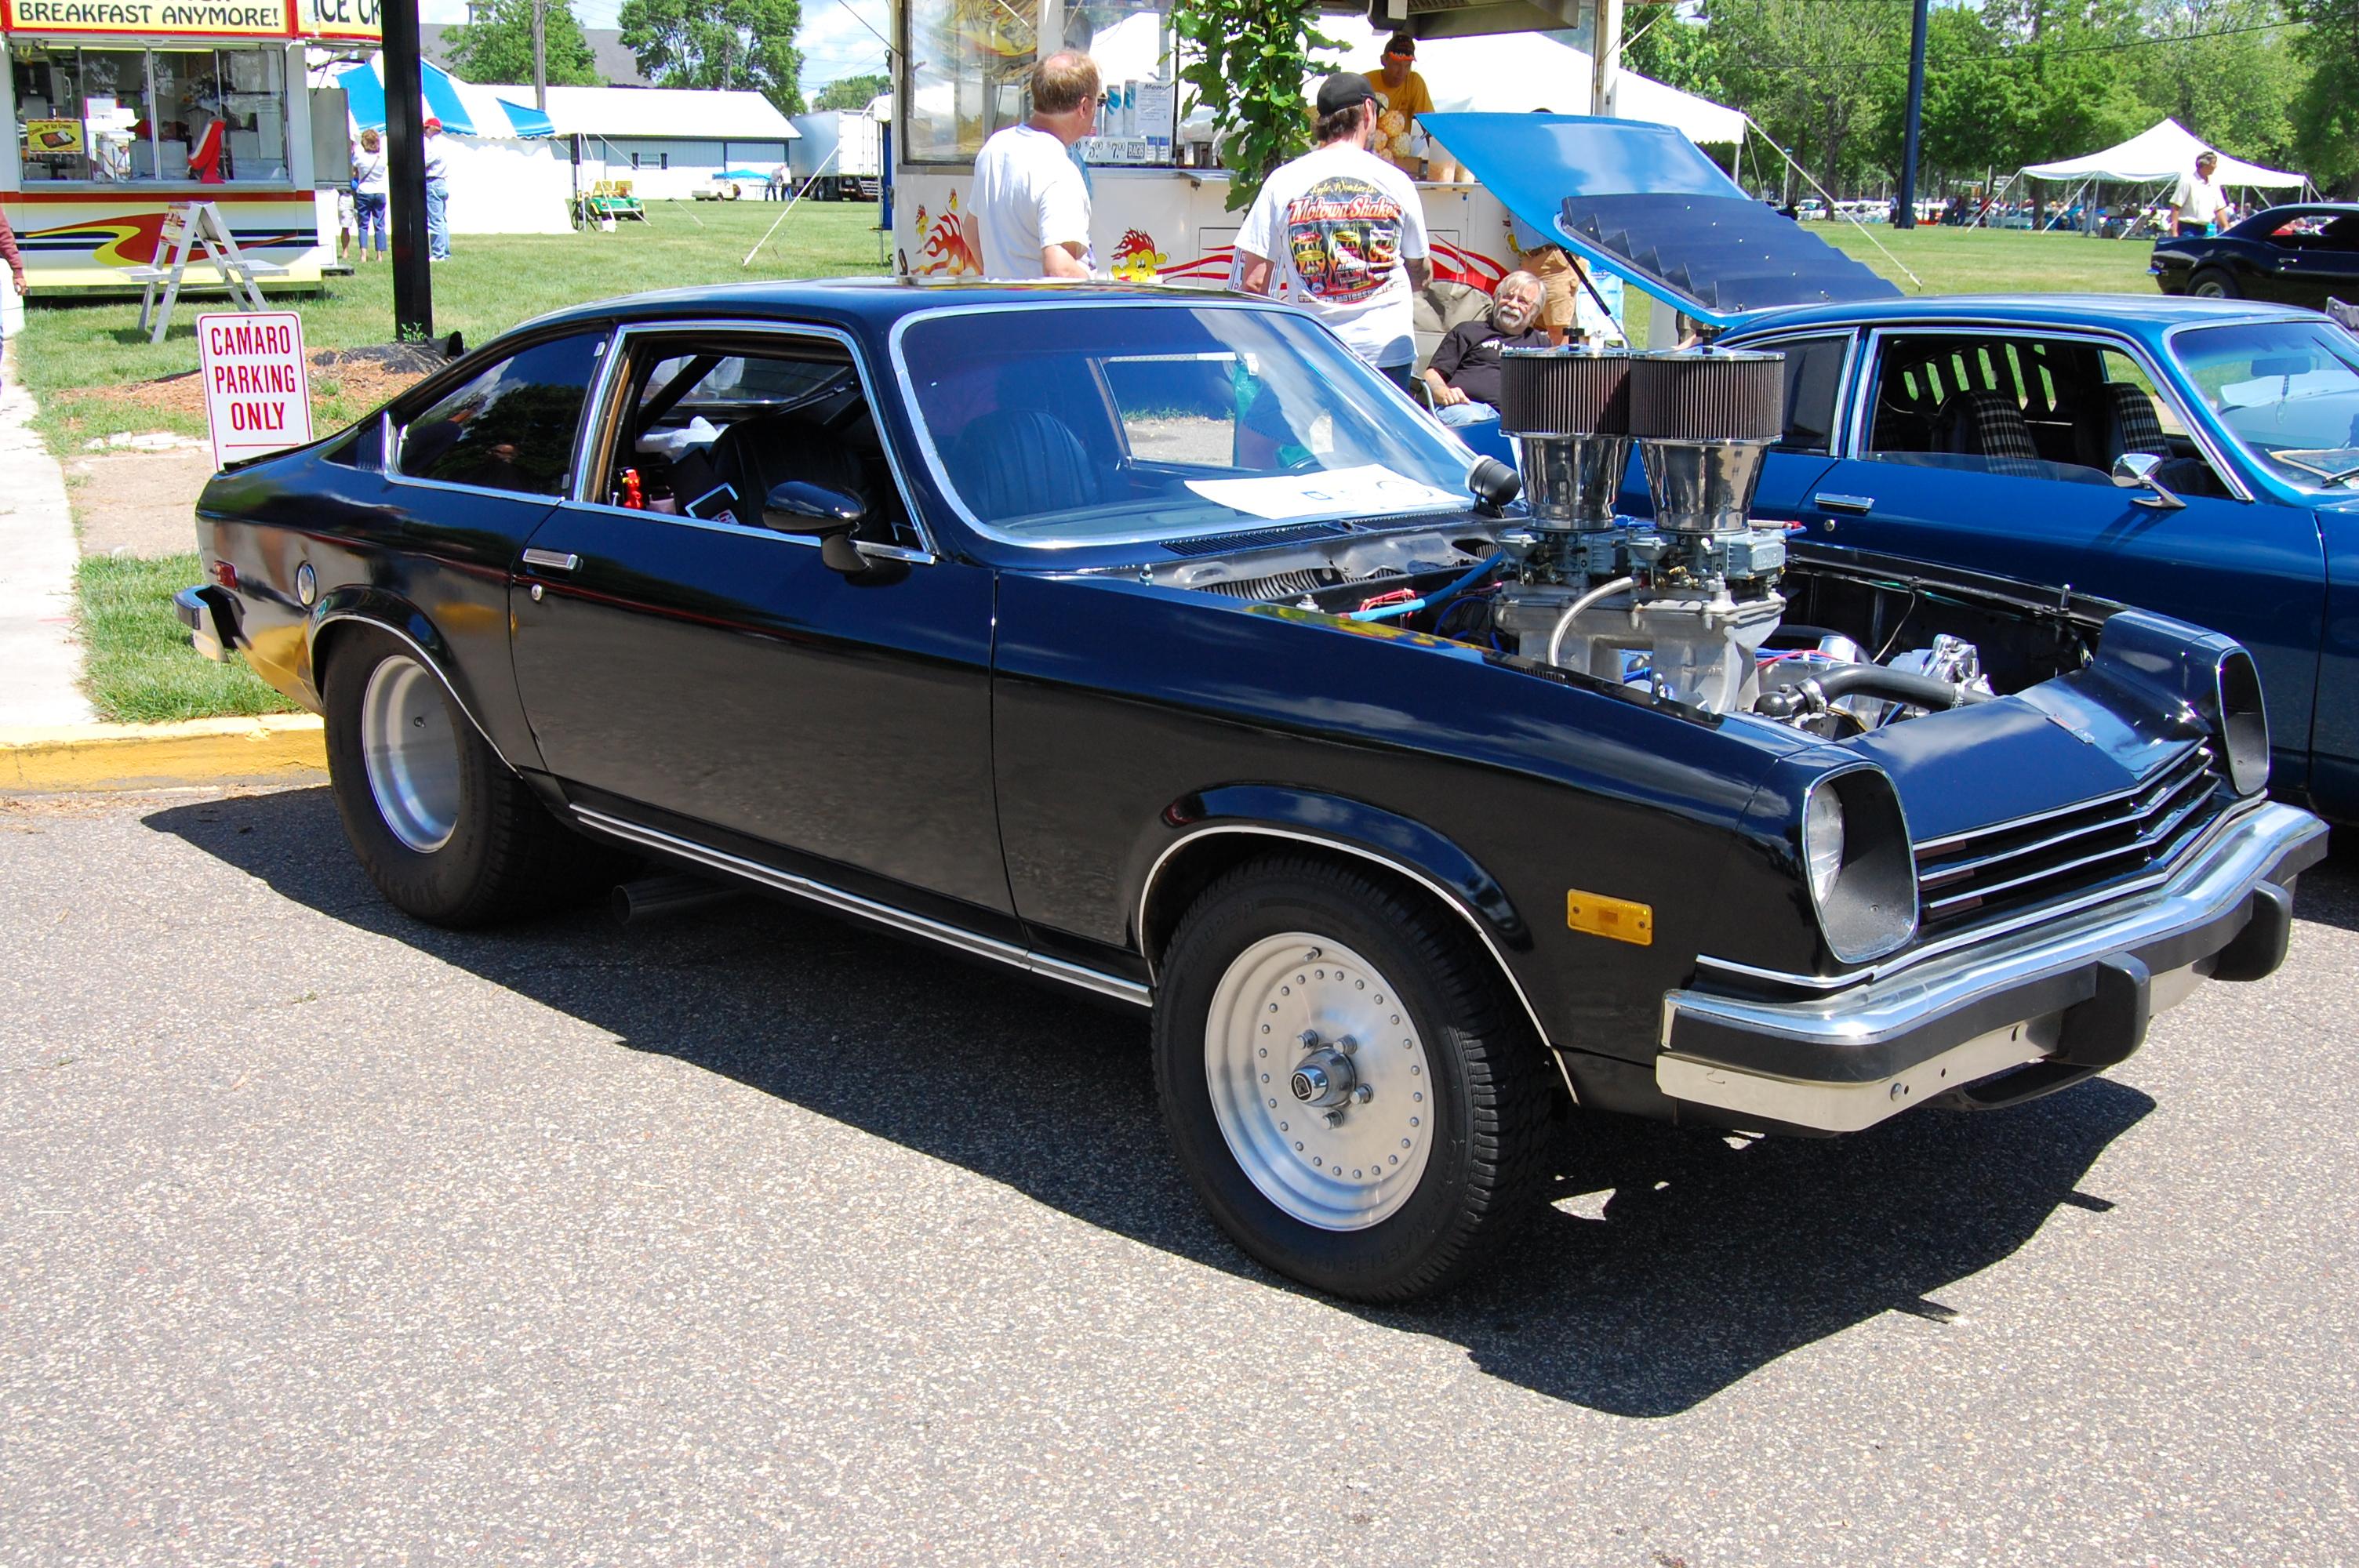 Chevrolet vega classic hot rod rods engine g wallpaper - Vega wallpaper ...